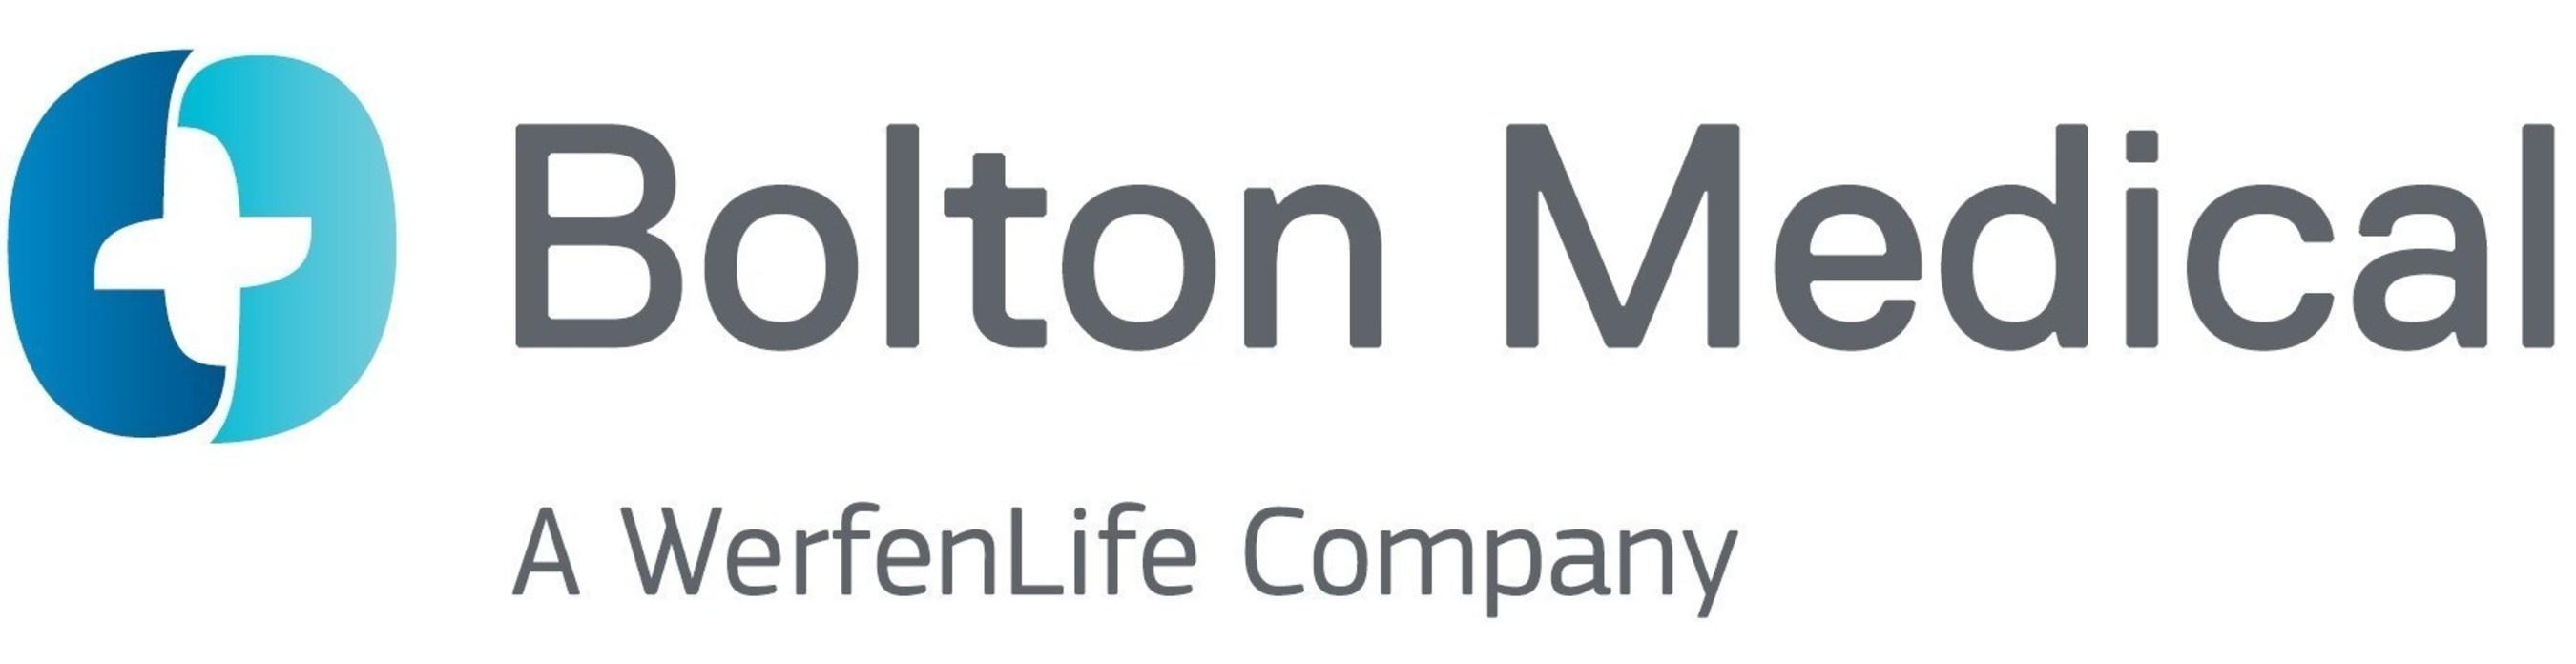 Bolton Medical reçoit la marque CE pour le système d'endoprothèse abdominale TREO®